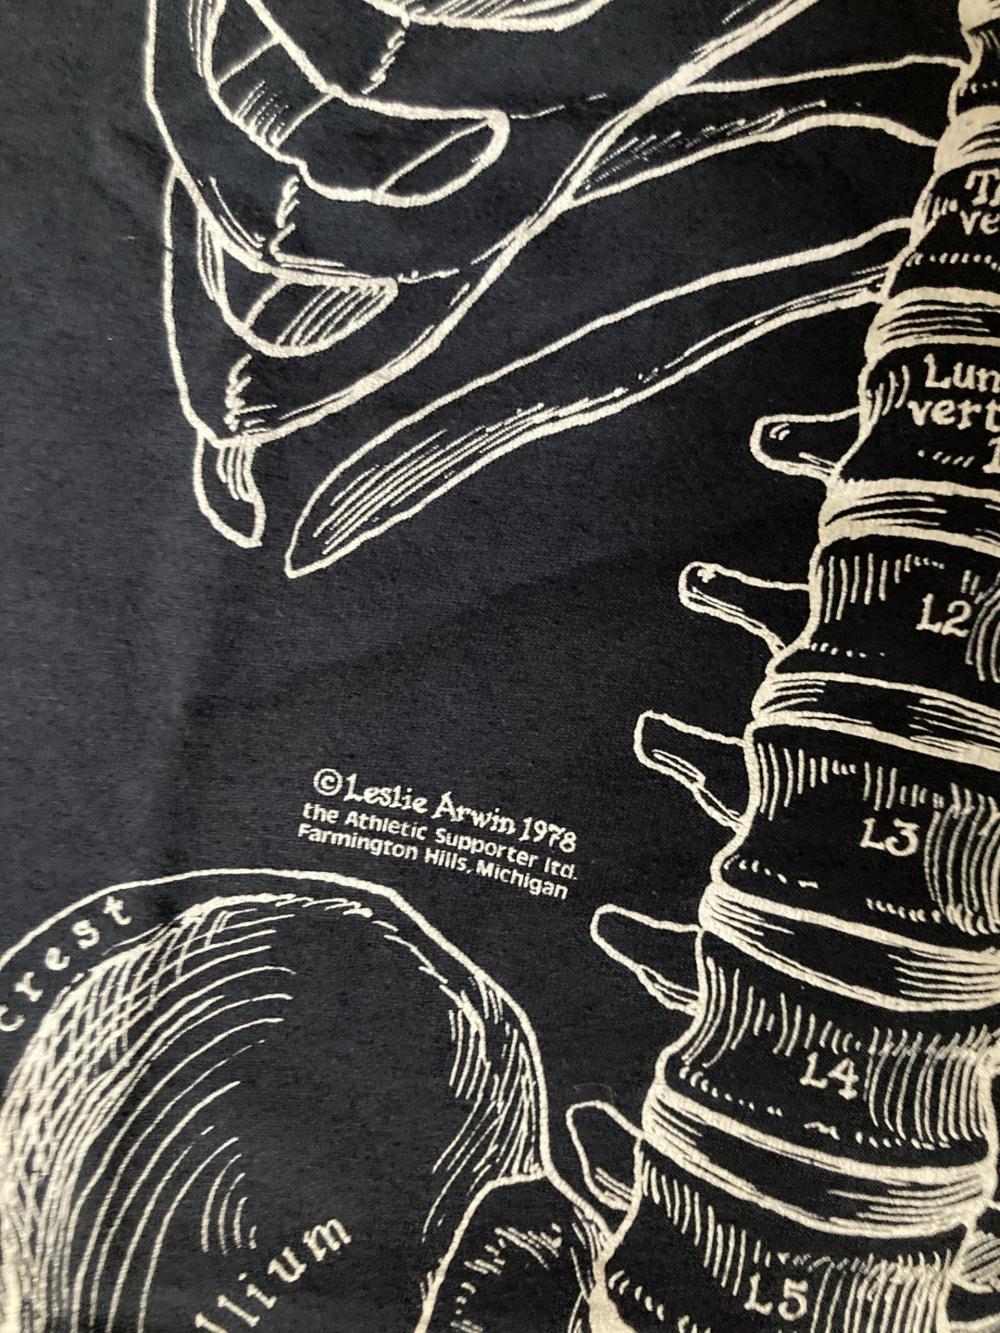 Leslie Arwin Skeleton T-Shirt Close up 1978